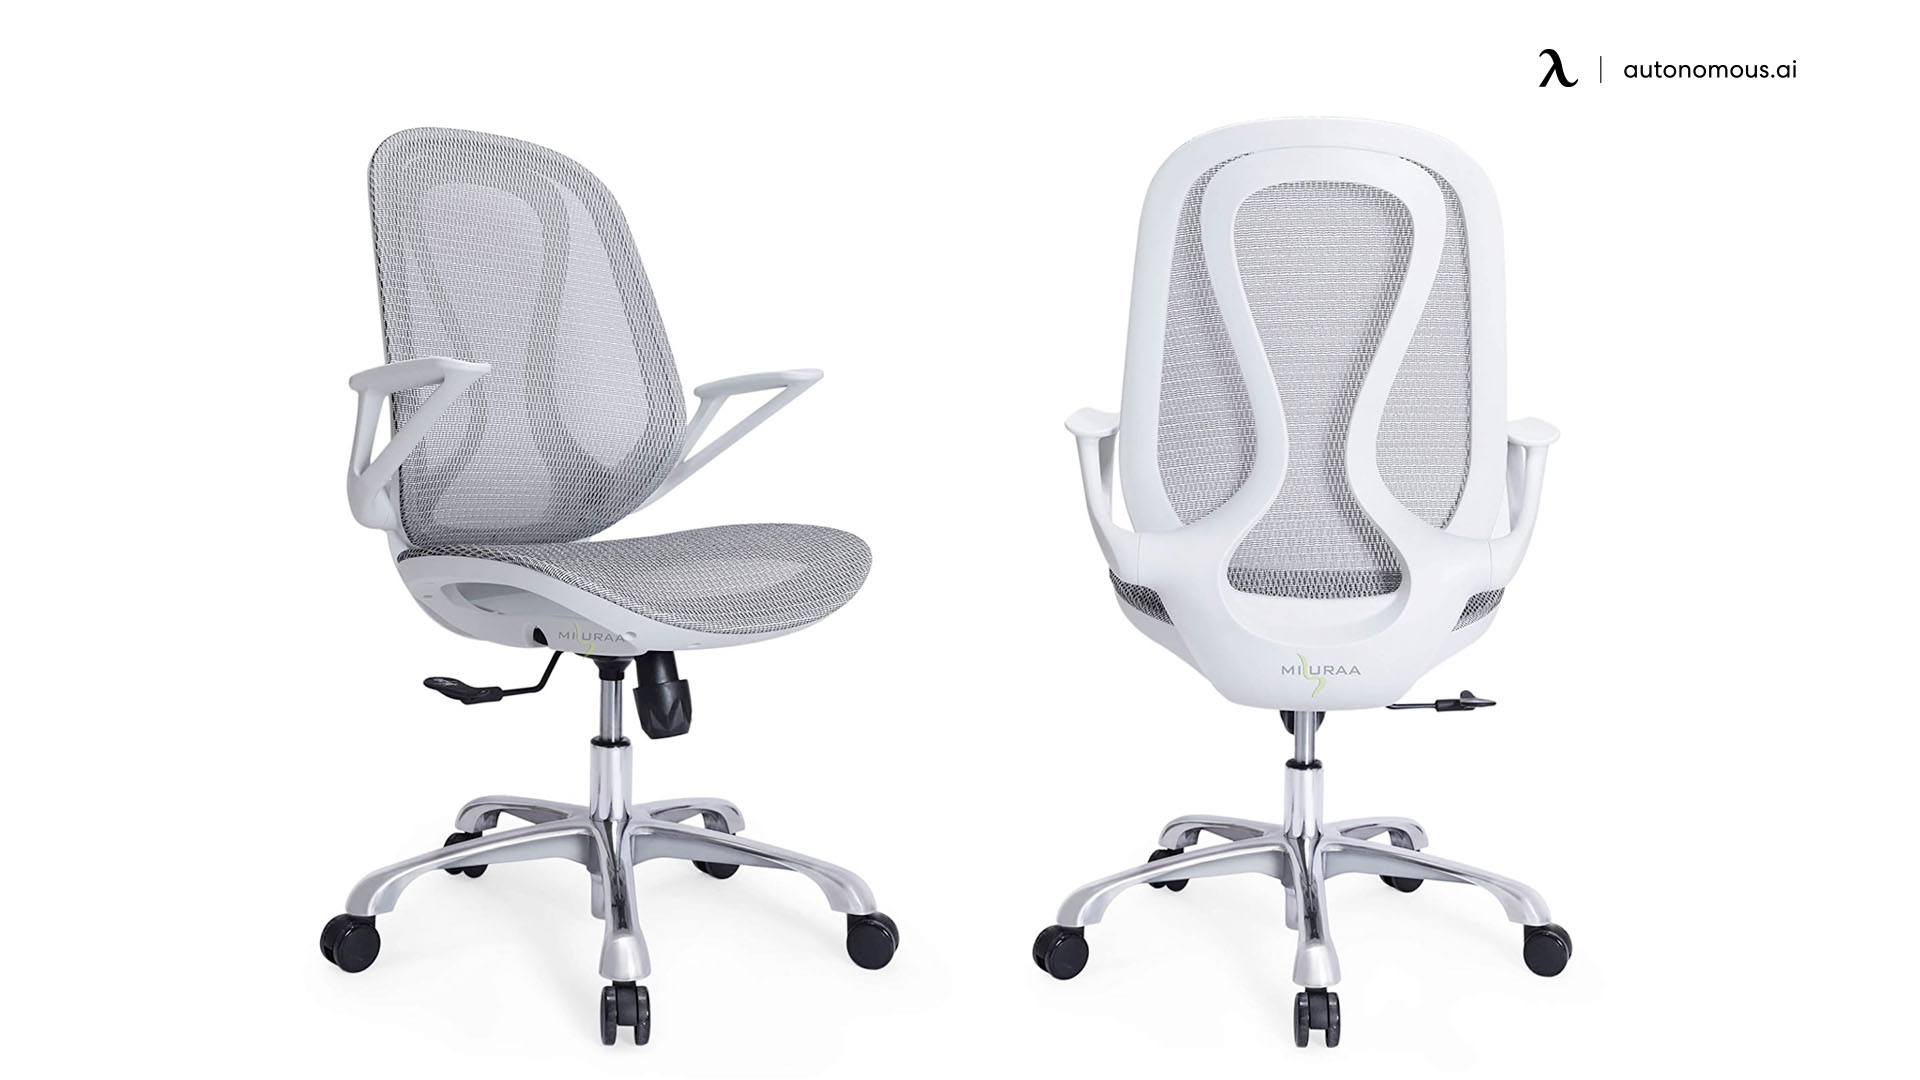 MISURAA Aluminum Base Chair